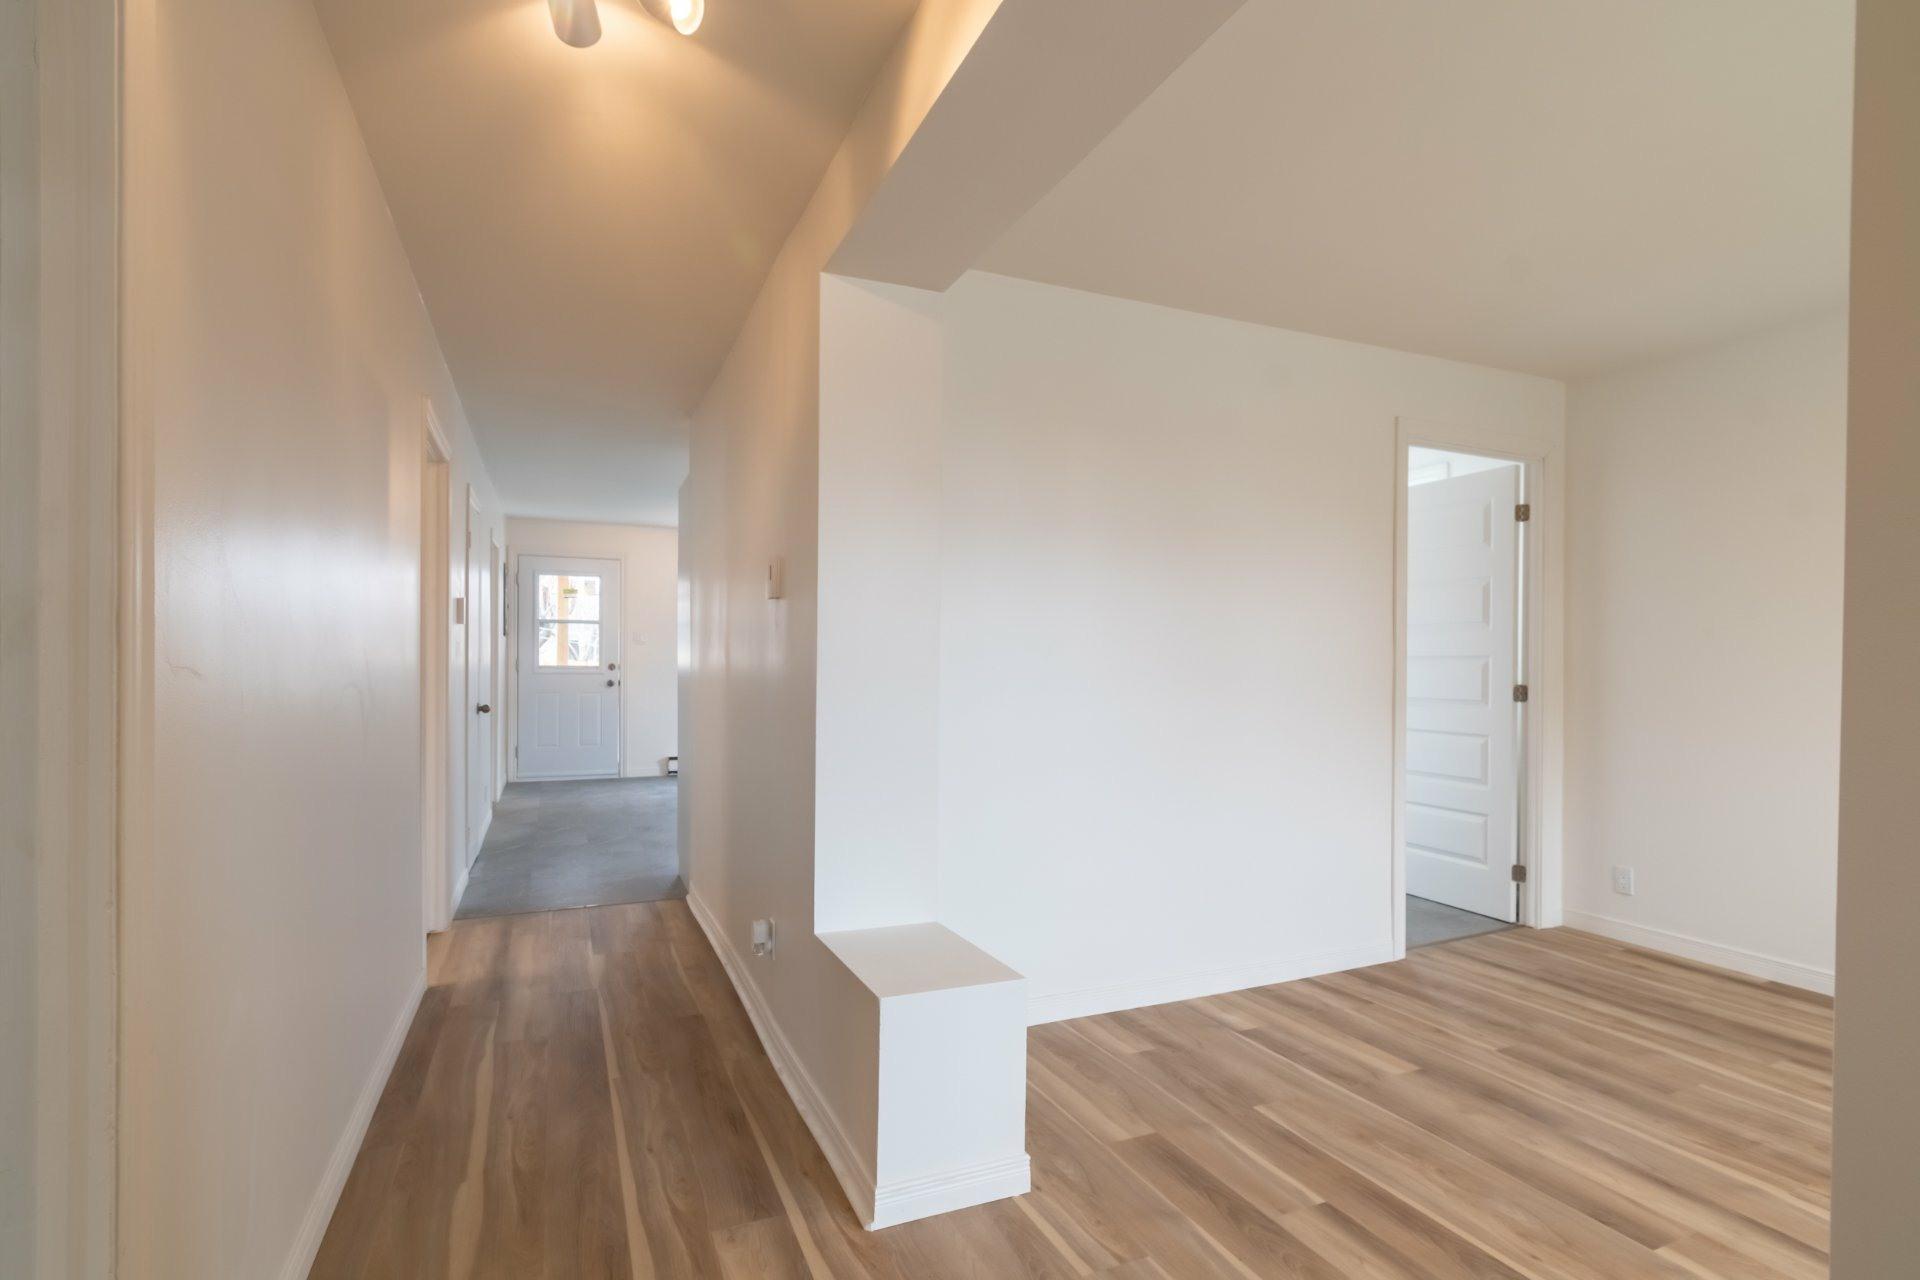 image 19 - Duplex For sale Trois-Rivières - 5 rooms